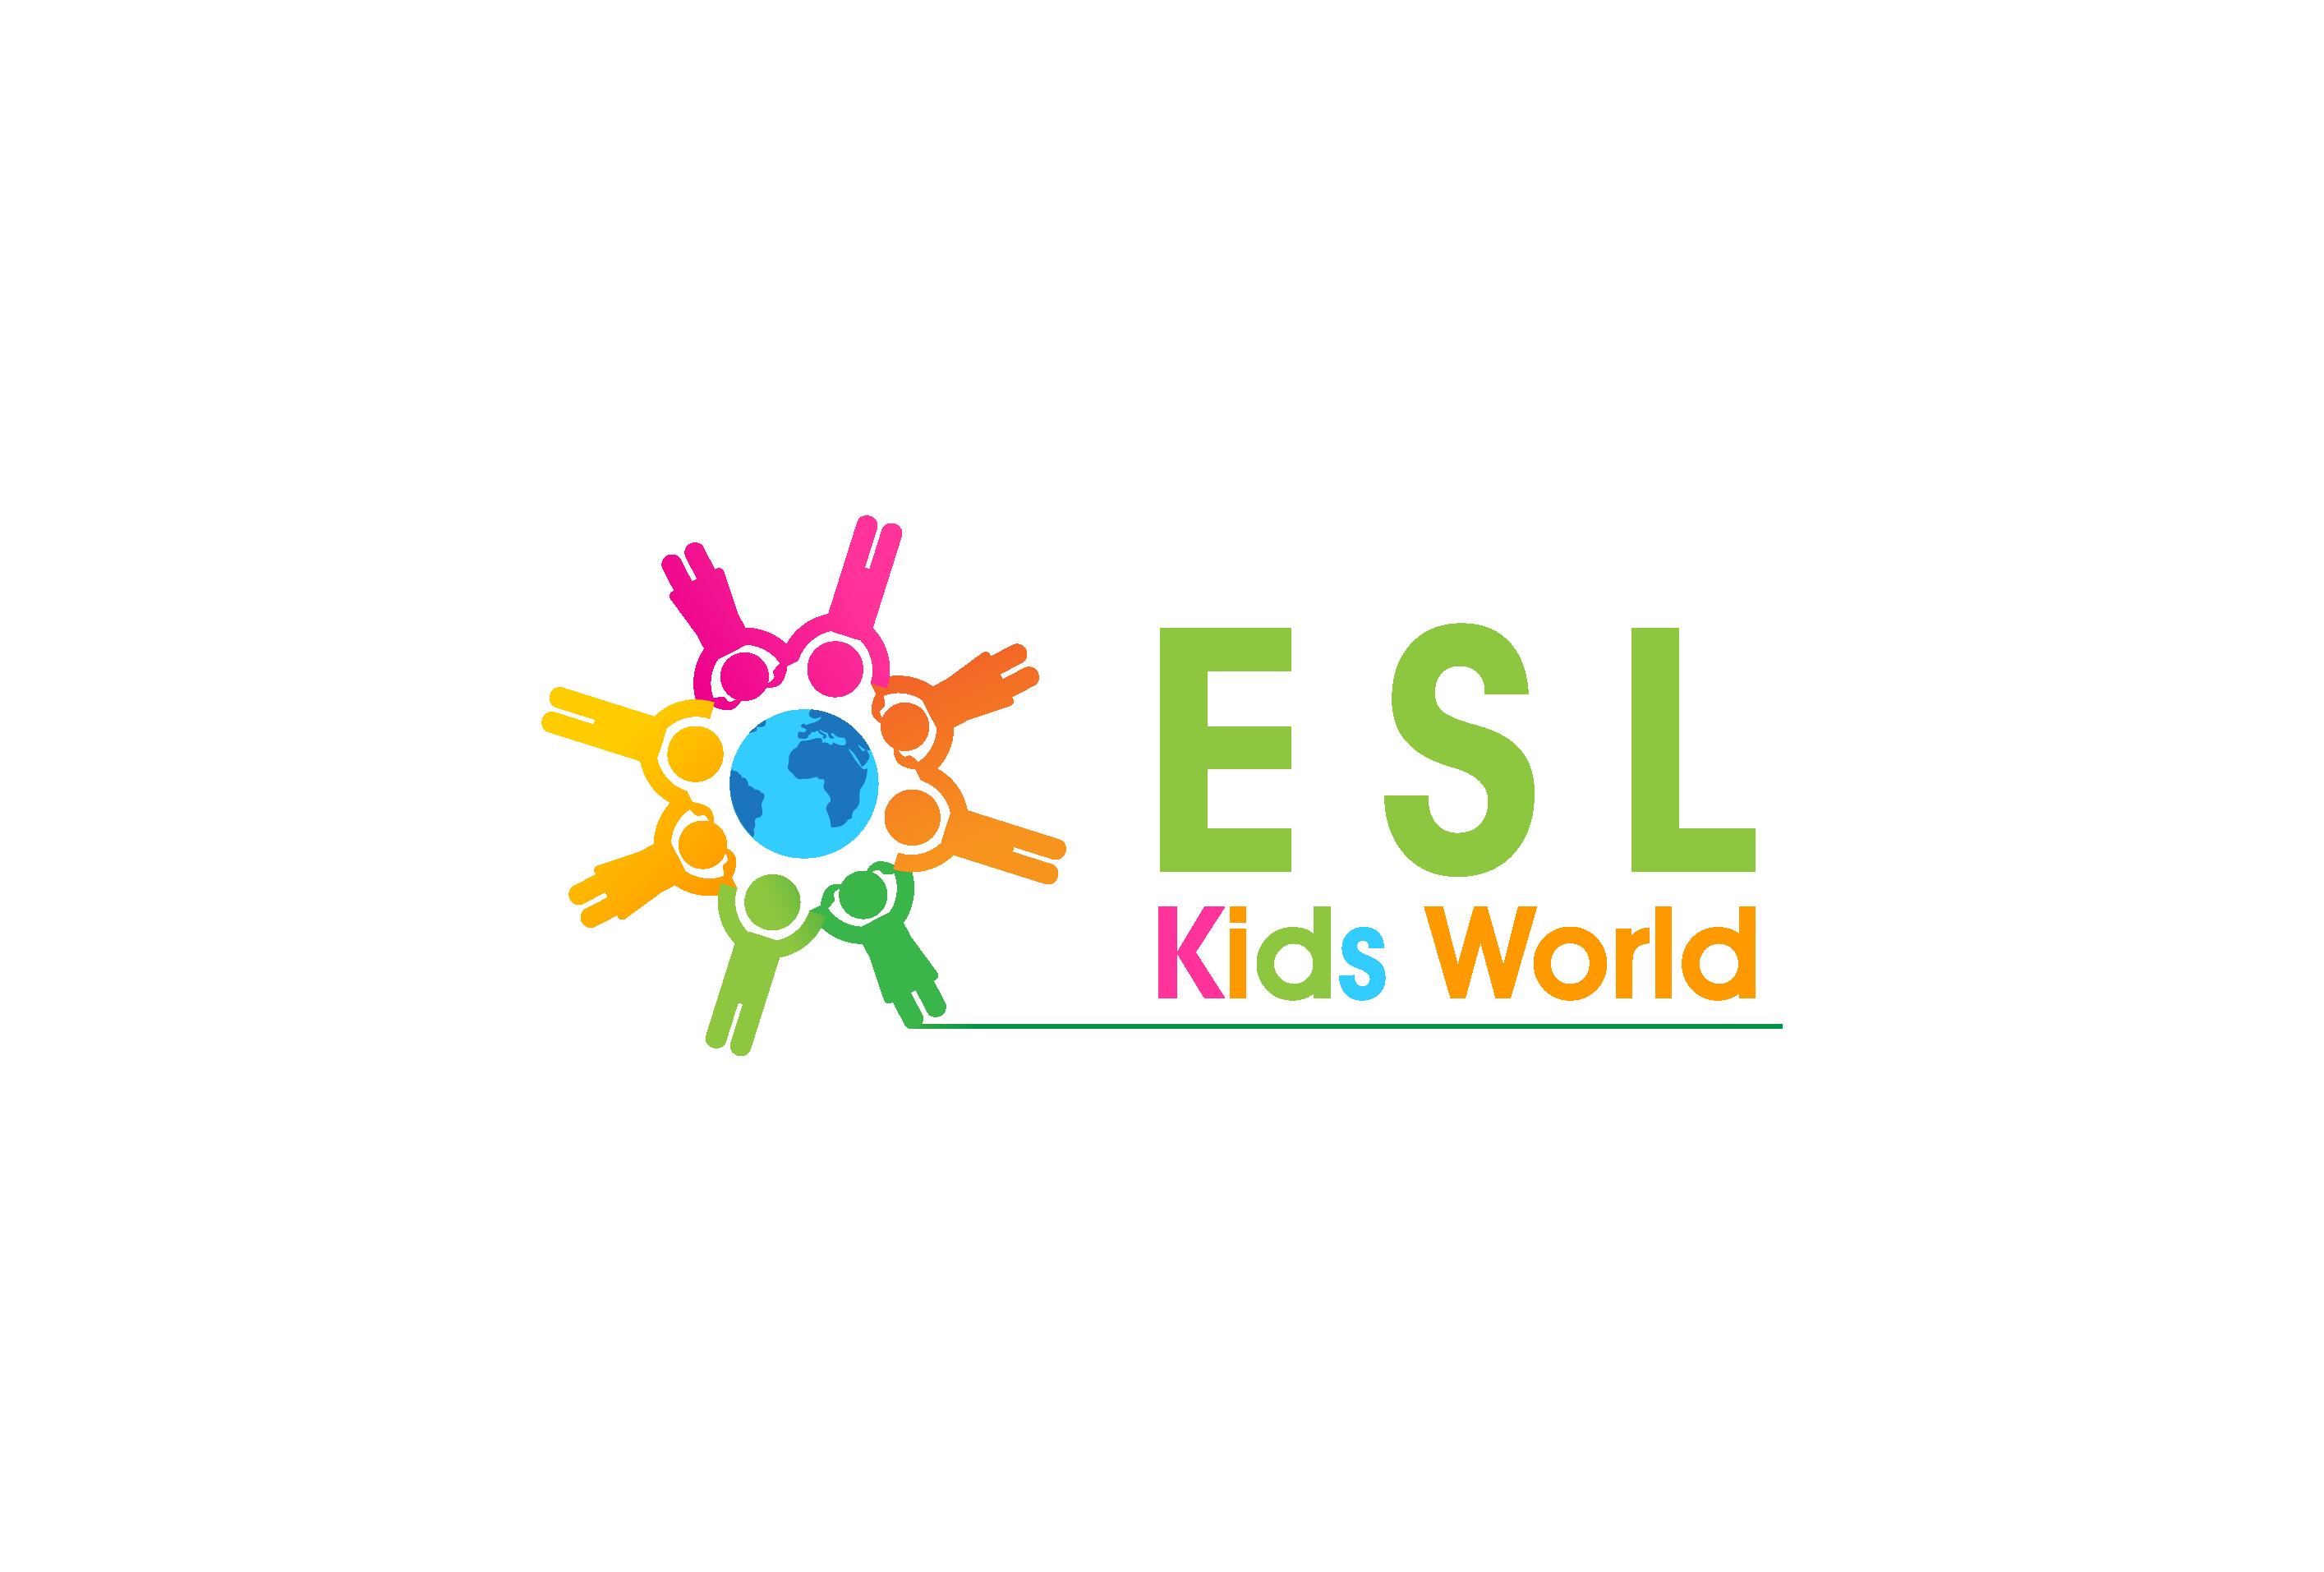 Esl Kids World Free Printable Worksheets For Esl Vocabulary And Grammar